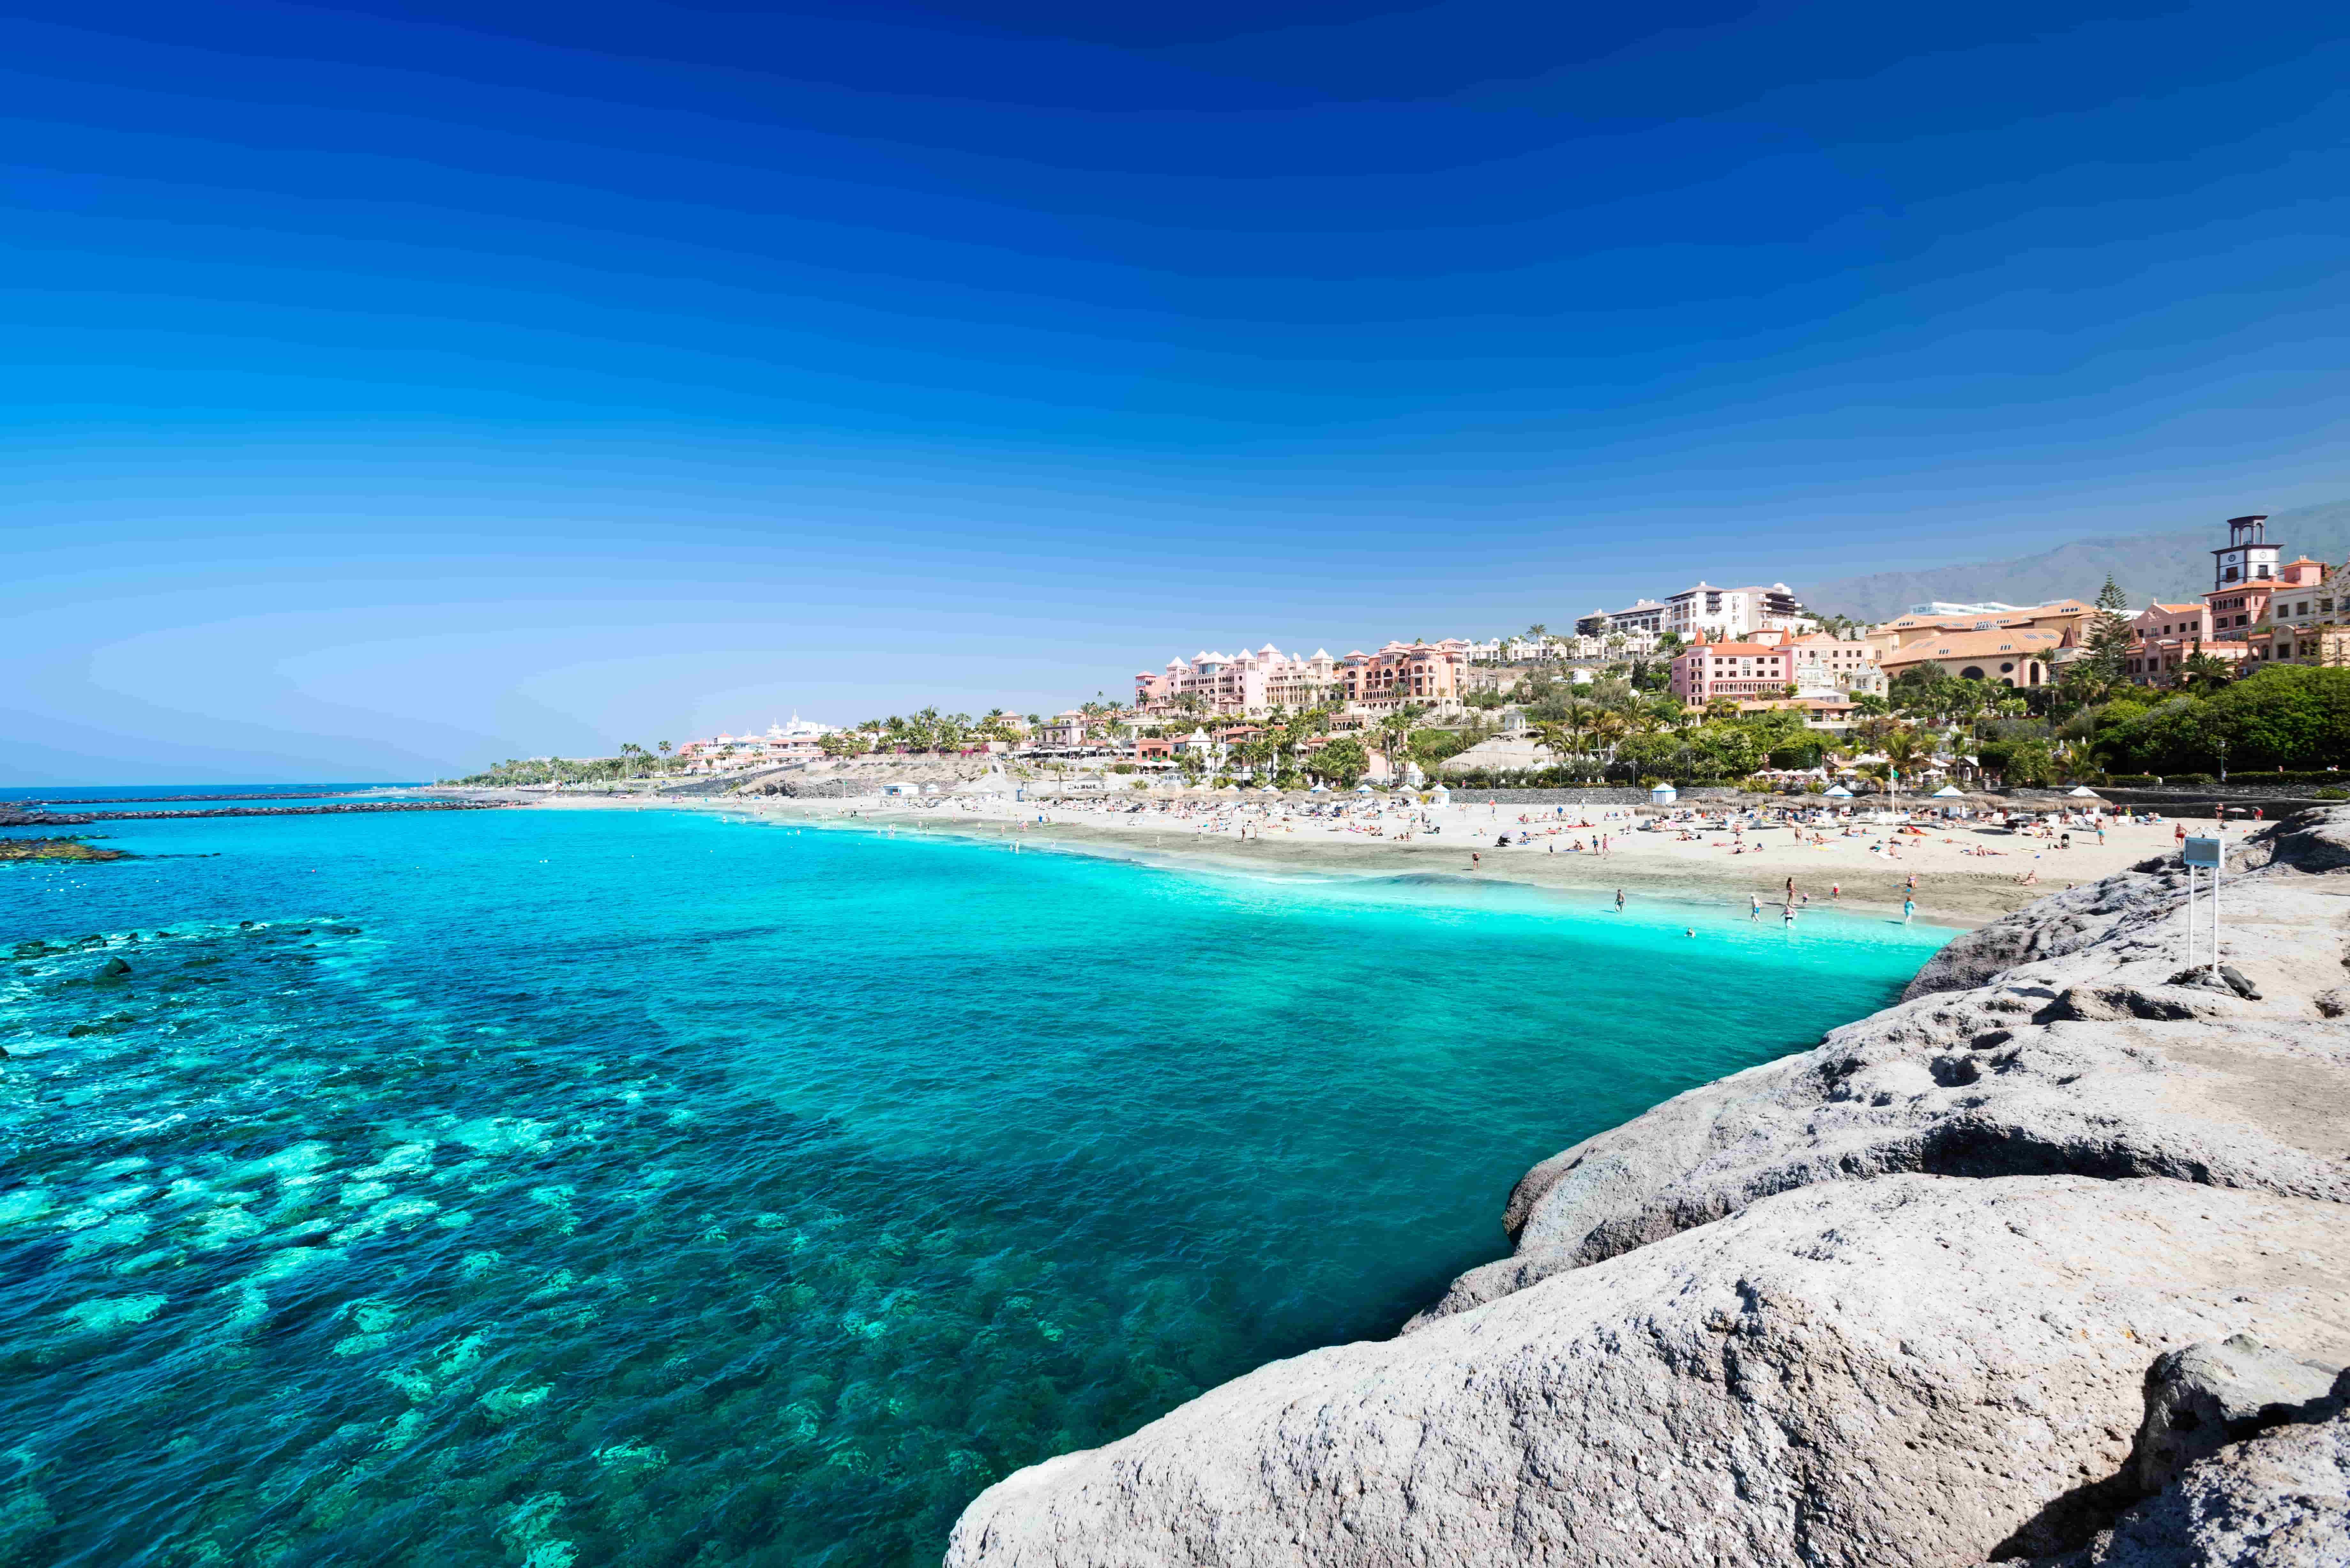 playas-agua-cristalina-tenerife-canarias-iStock-467769062-min